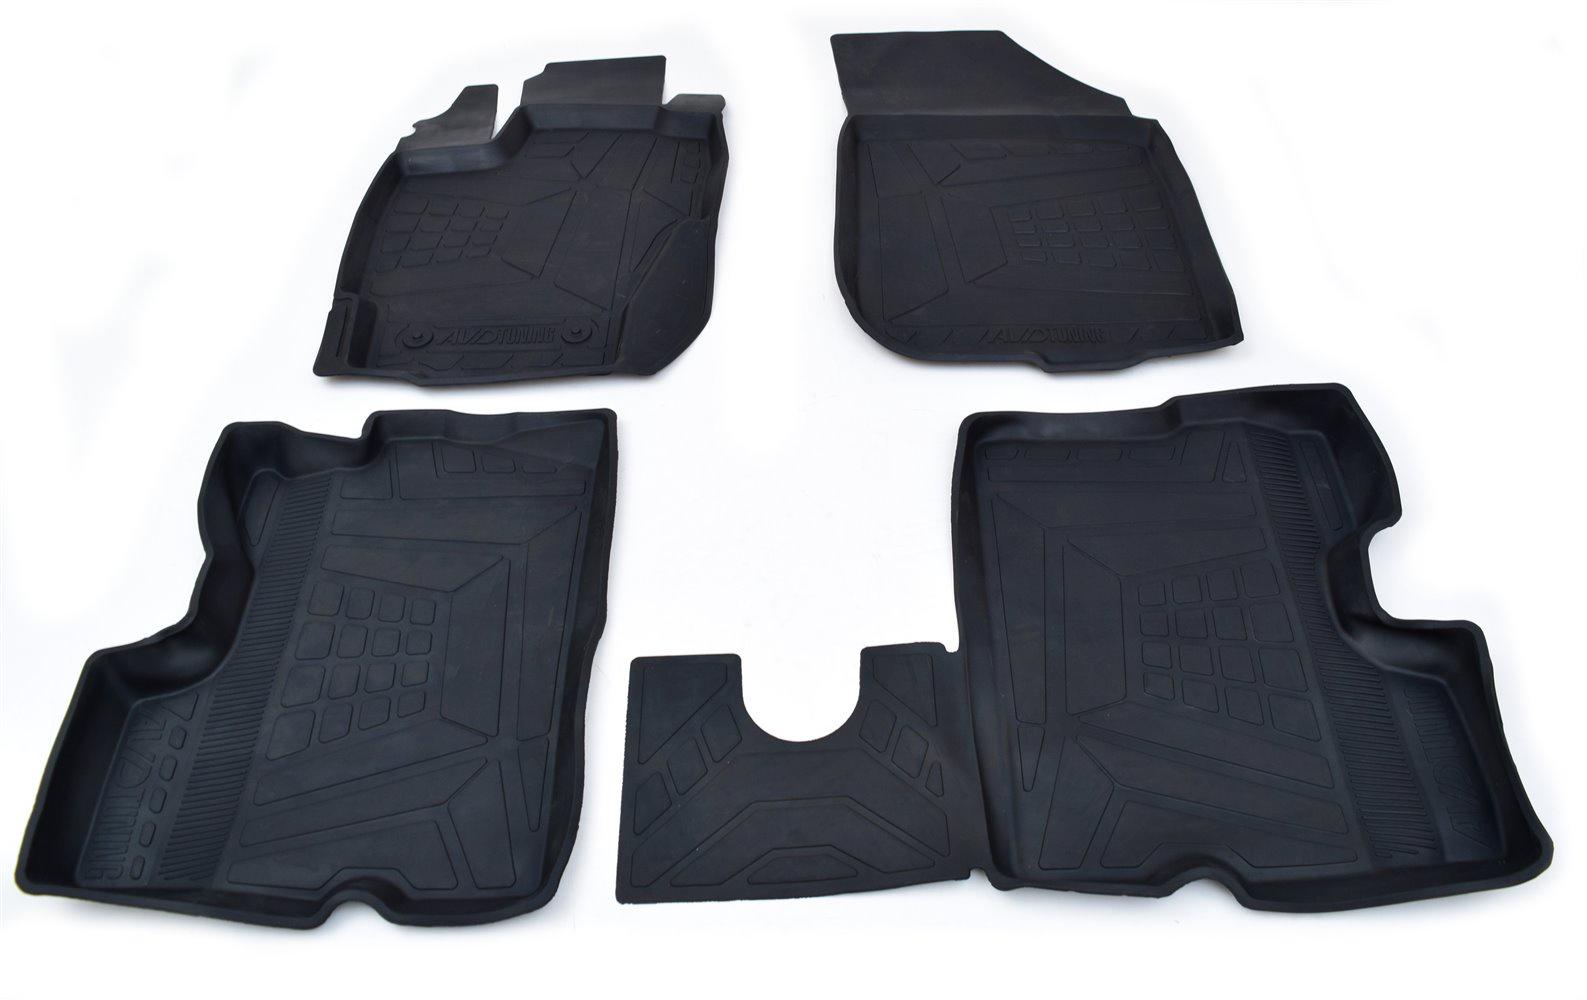 Коврики в салон автомобиля avd tuning для lada xray (2016-) с бортиком, adrplr295, черный, 4 шт коврики в салон автомобиля avd tuning для volkswagen passat в8 2014 adrplr230 резиновые с бортиком черный